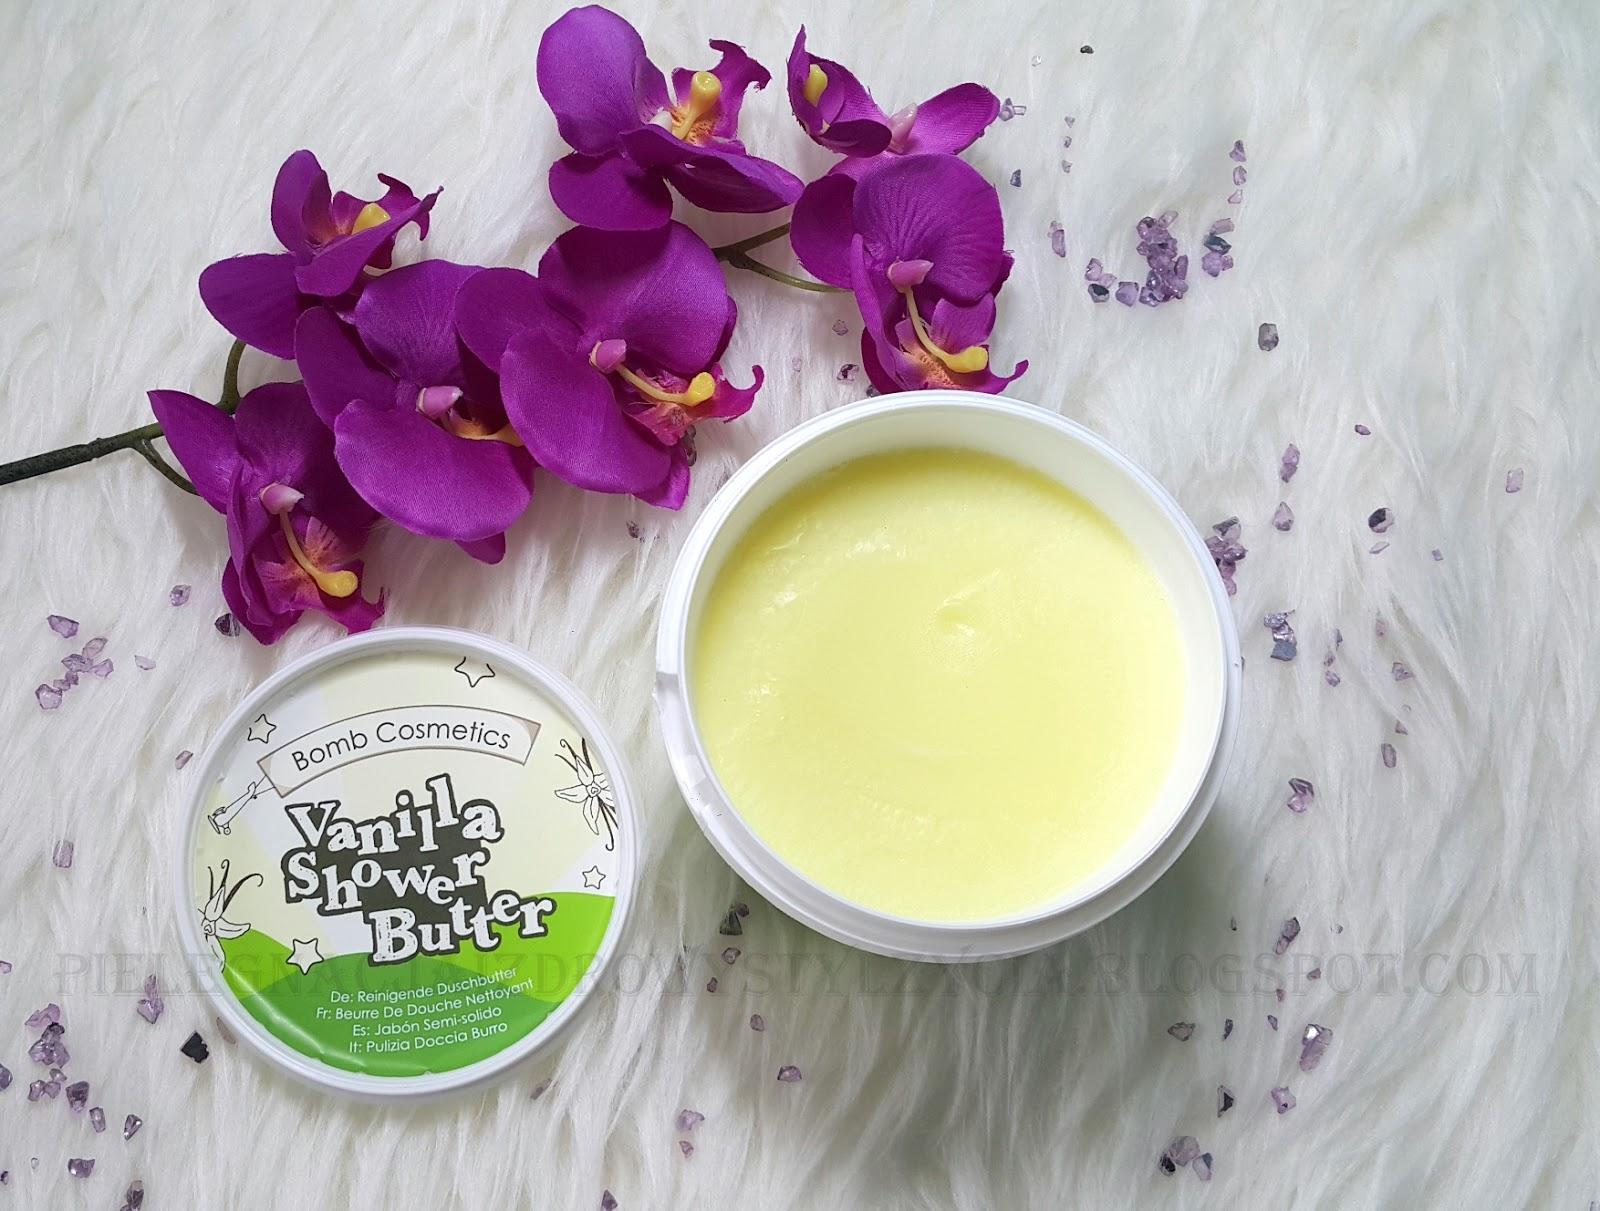 Bomb Cosmetics masło pod prysznic lody waniliowe - opinie